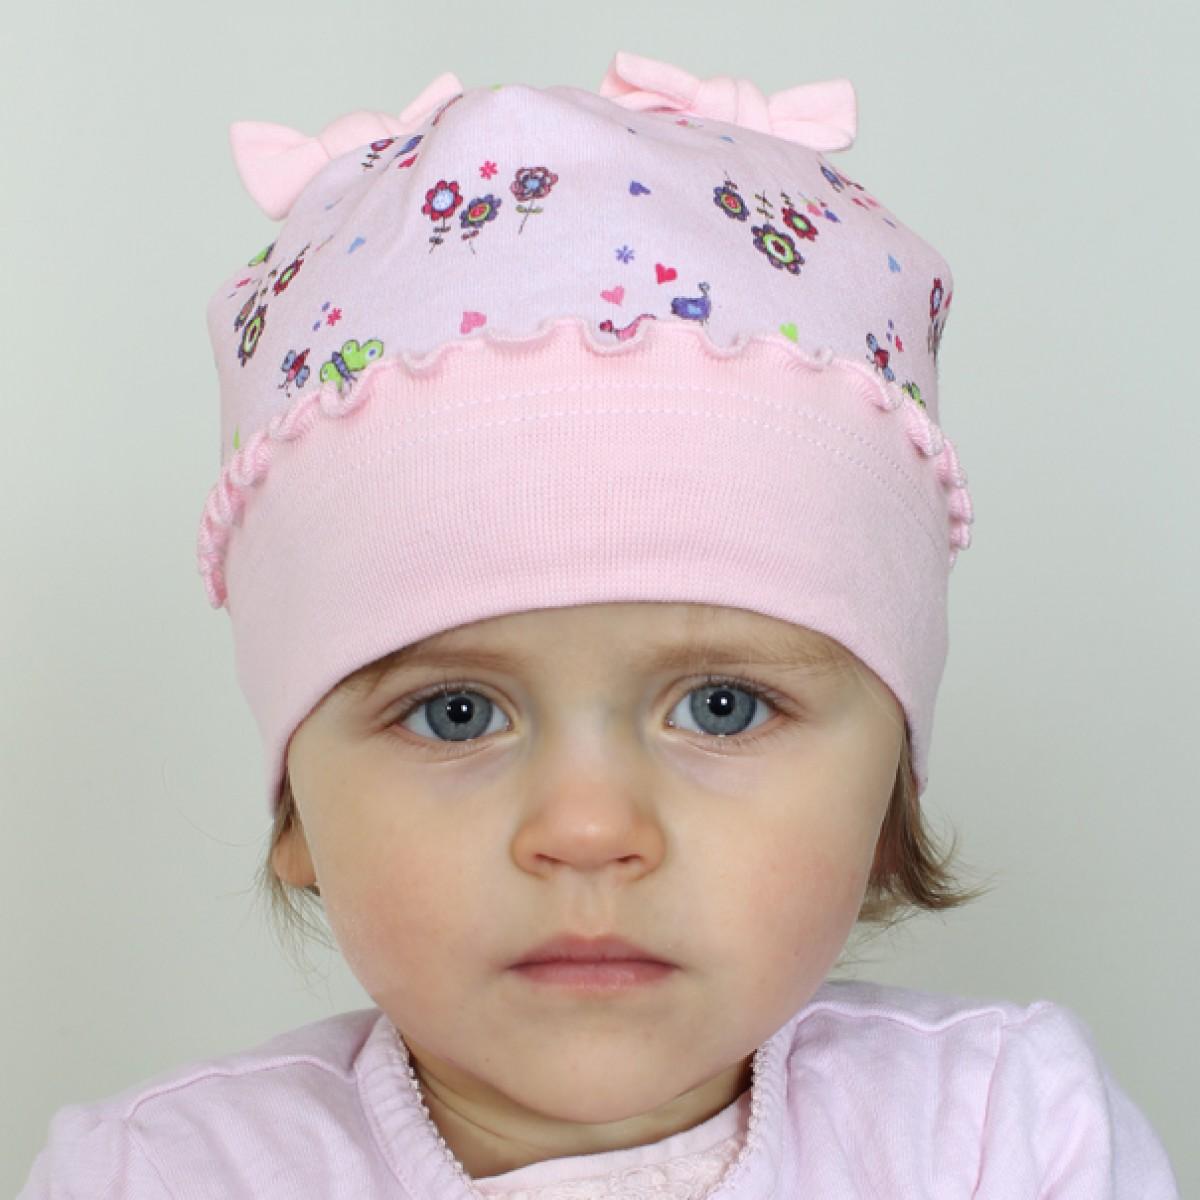 Cepure Vilaurita